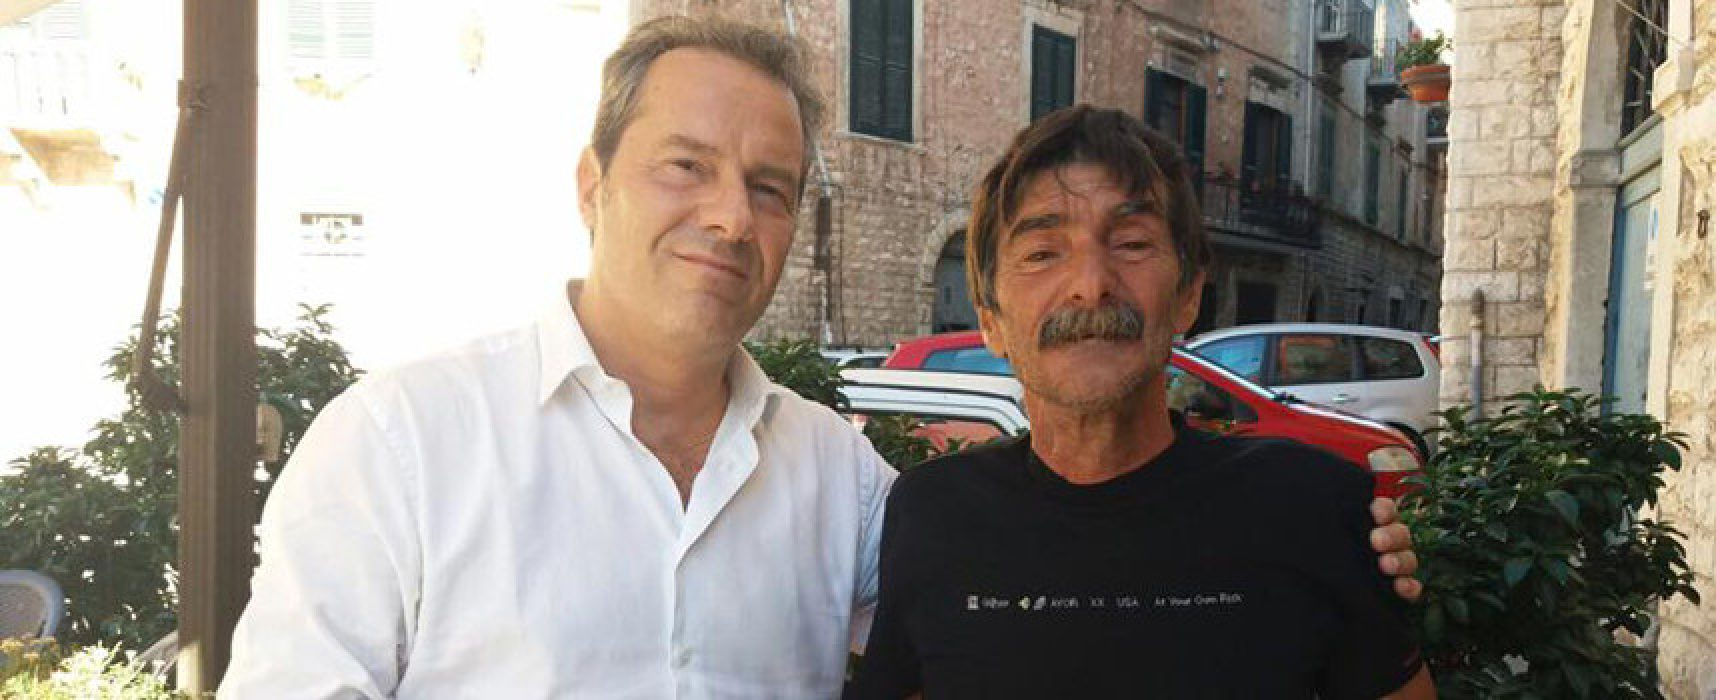 Incidente bici-auto, Spina incontra padre del ciclista